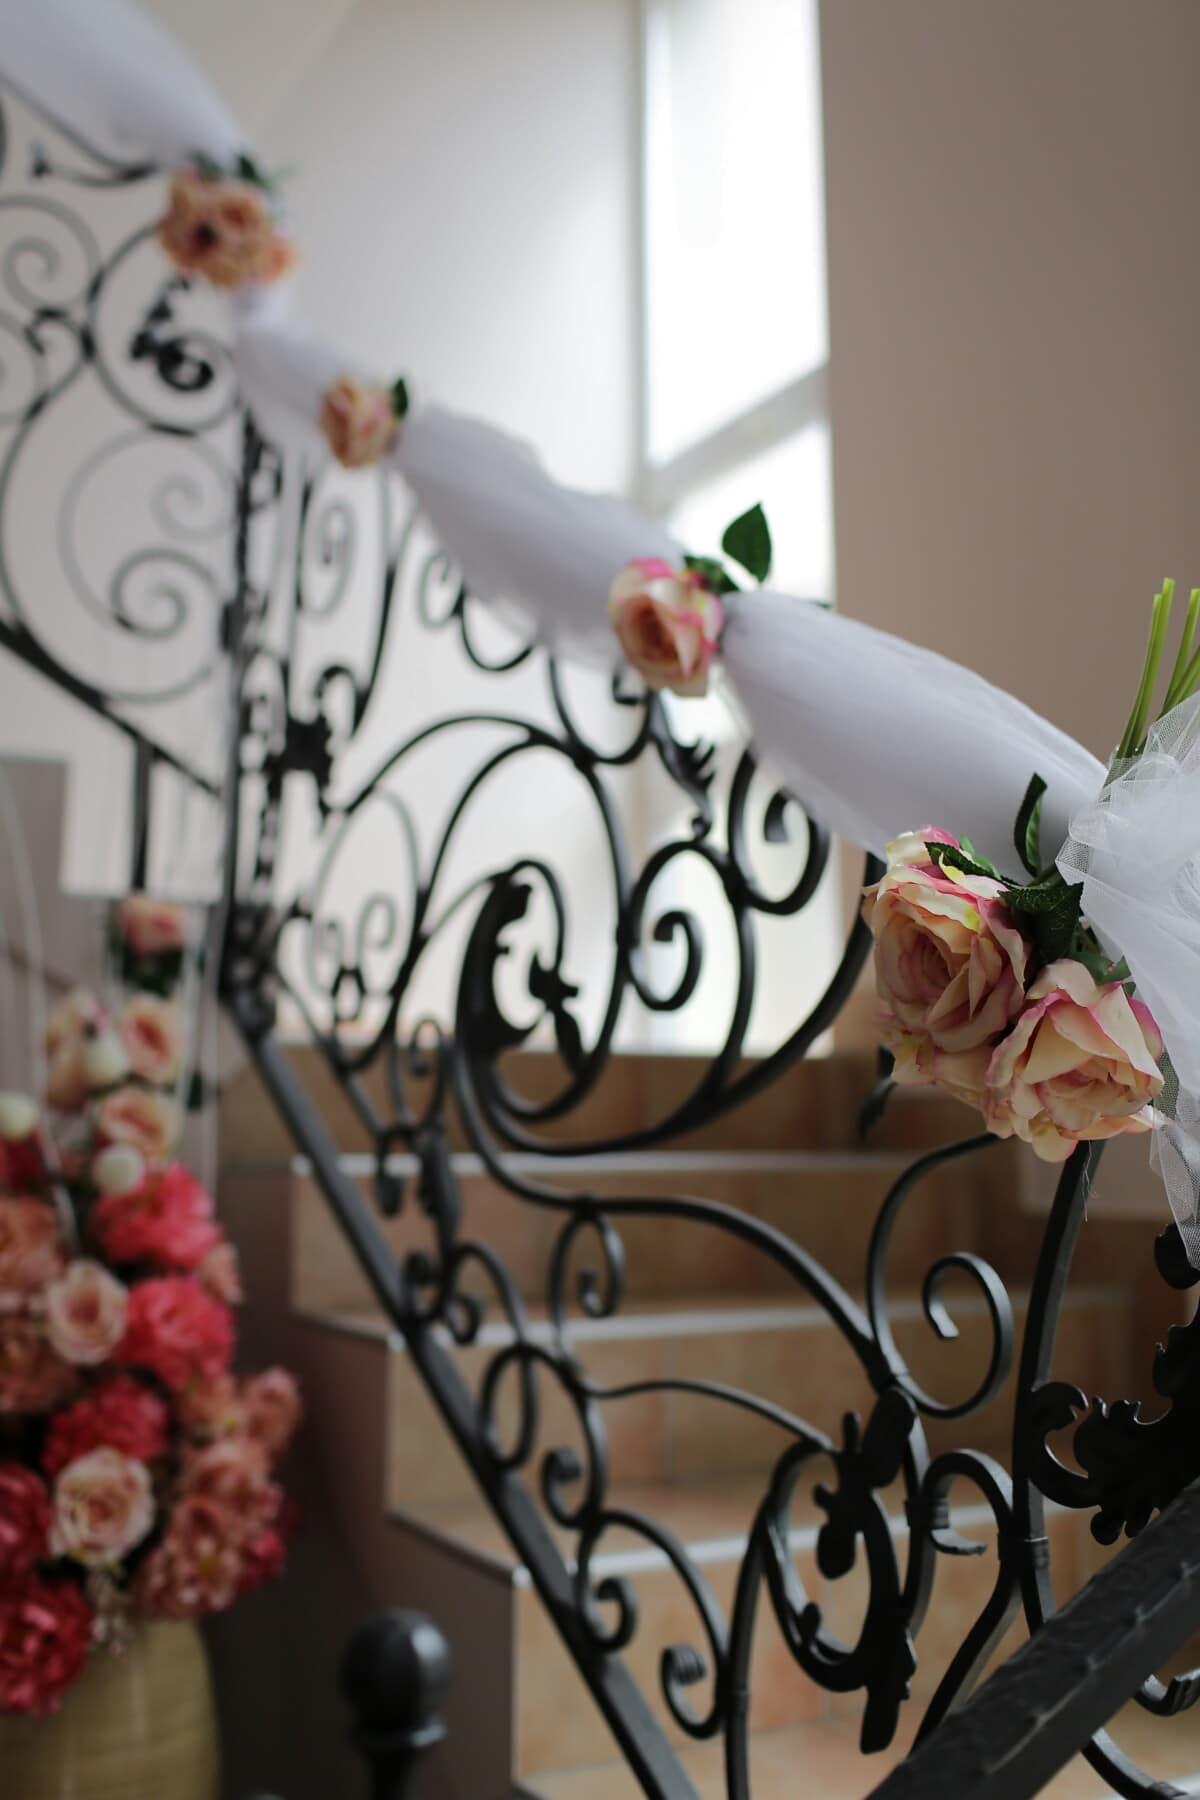 aus Gusseisen, Treppe, Rosen, Dekoration, Zaun, Innendekoration, Treppen, Blume, elegant, Romantik